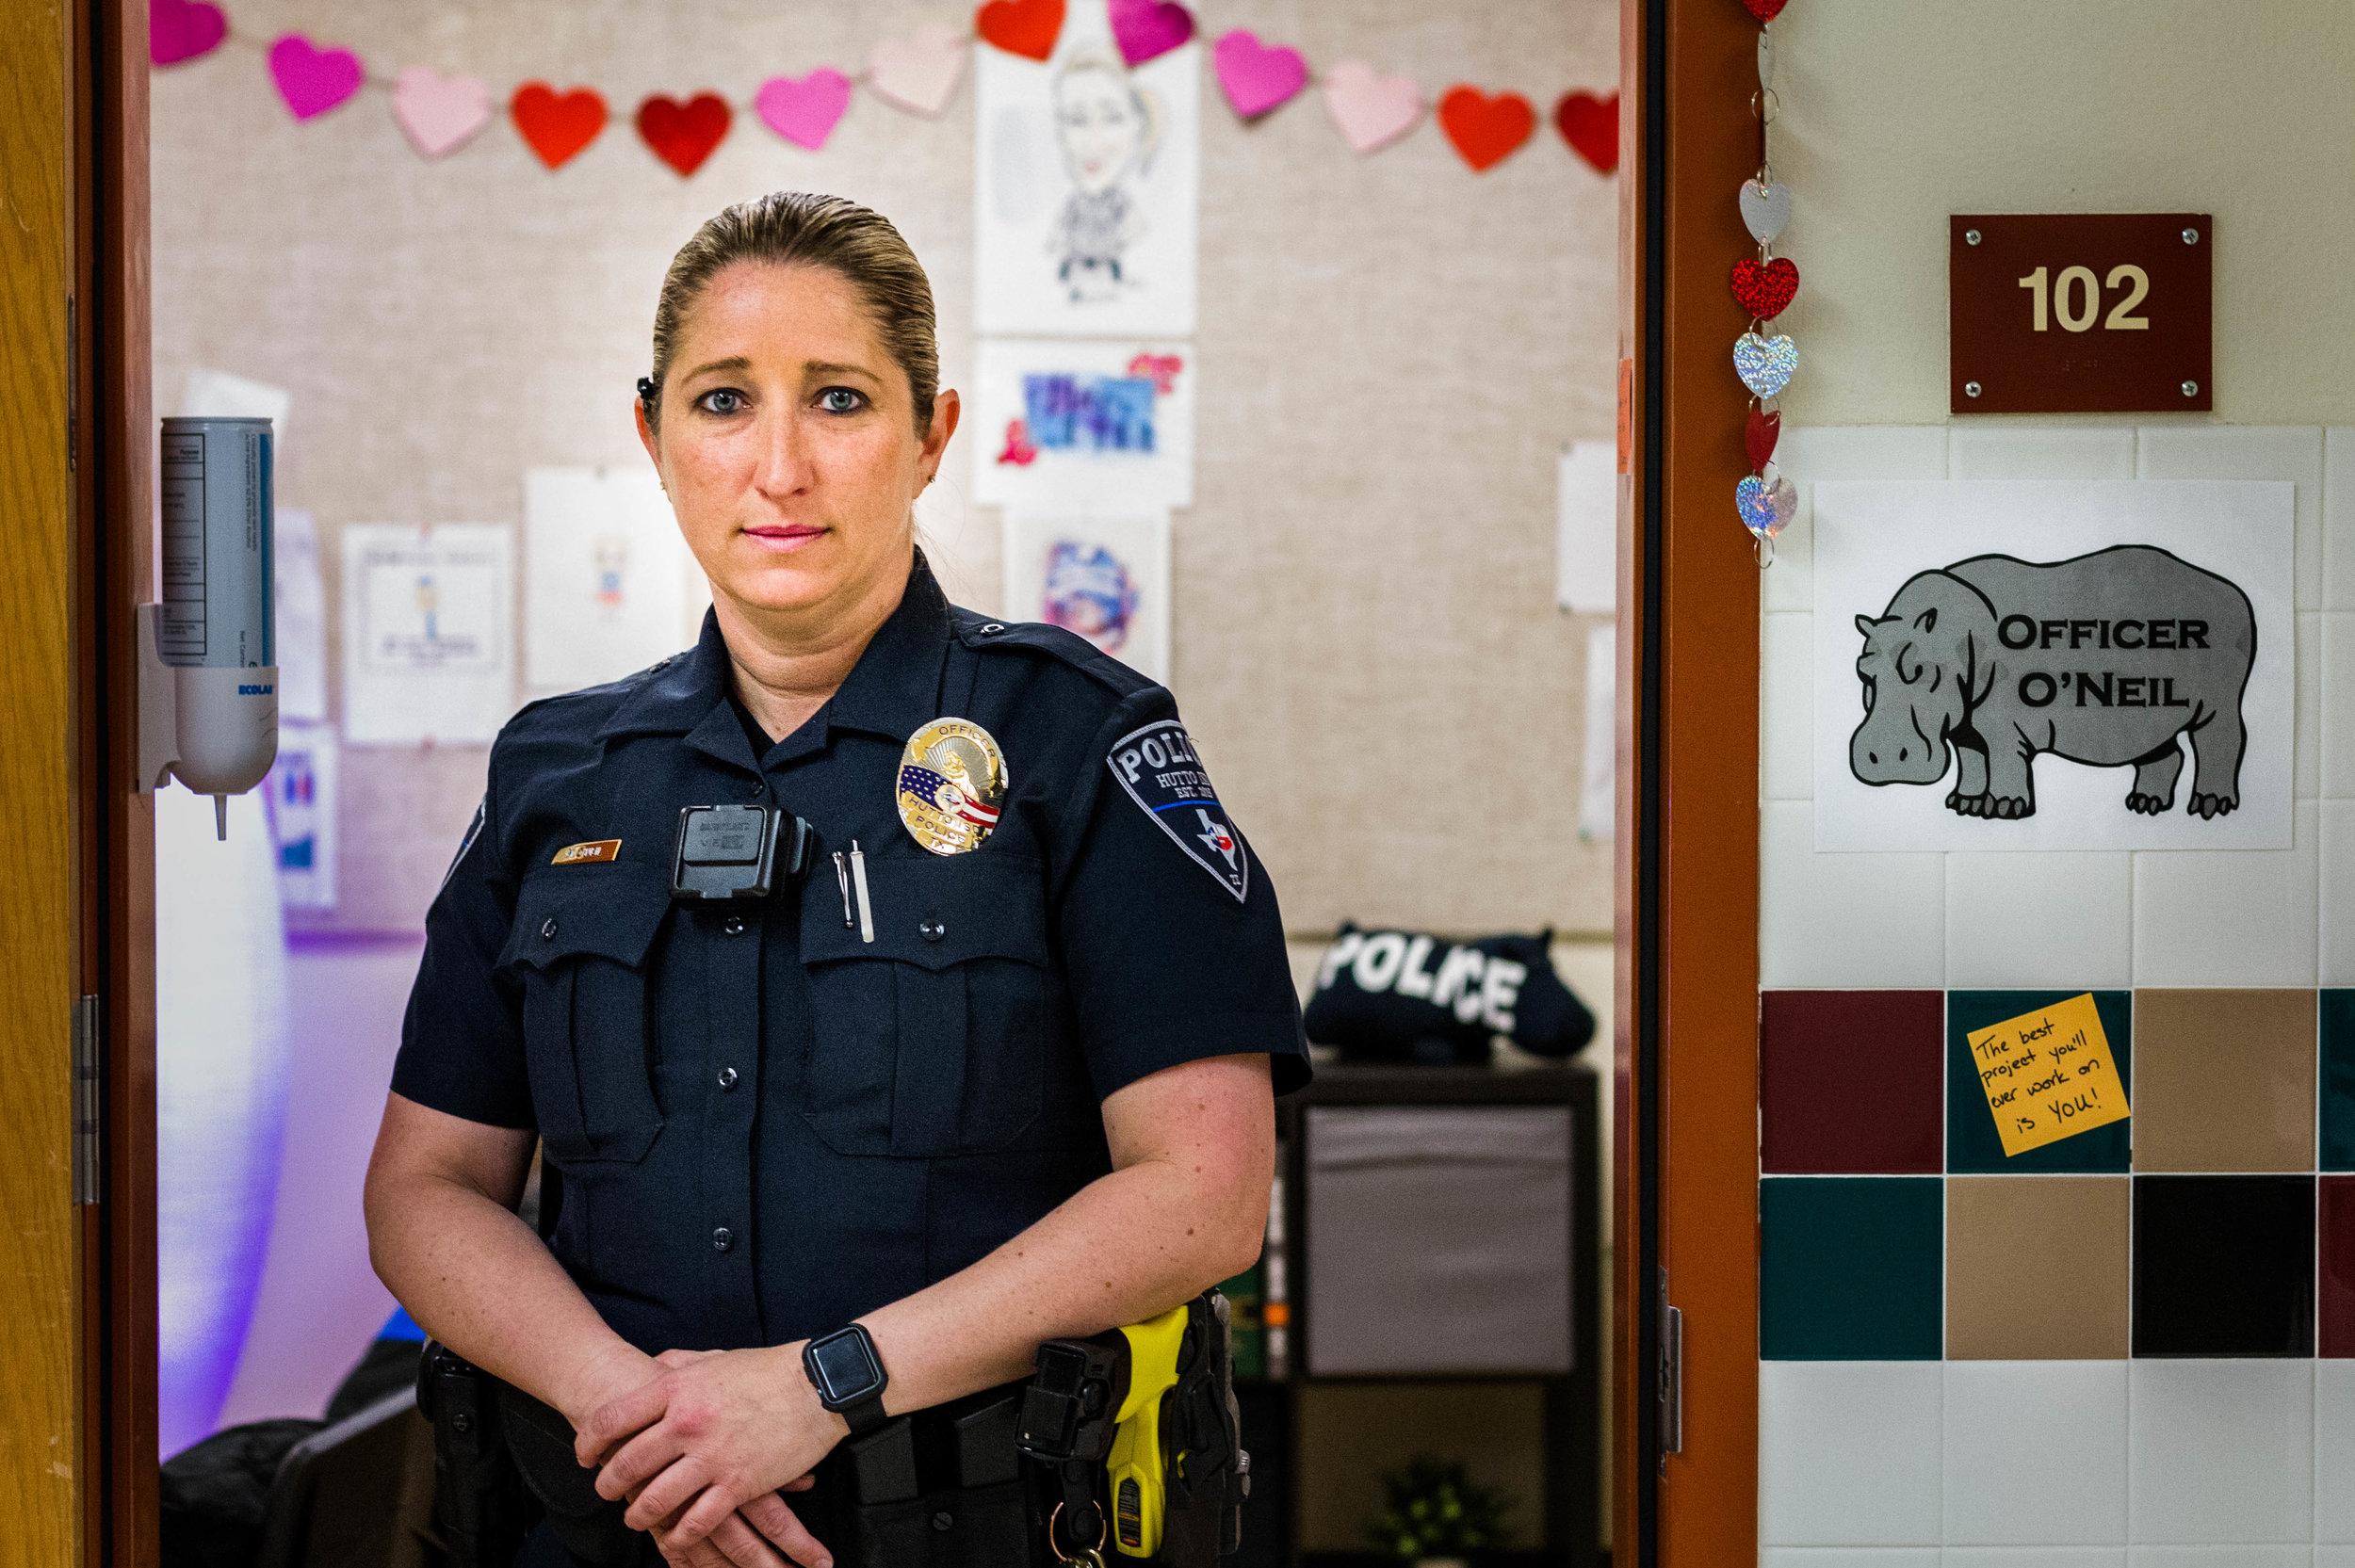 Officer O'Neil.jpg